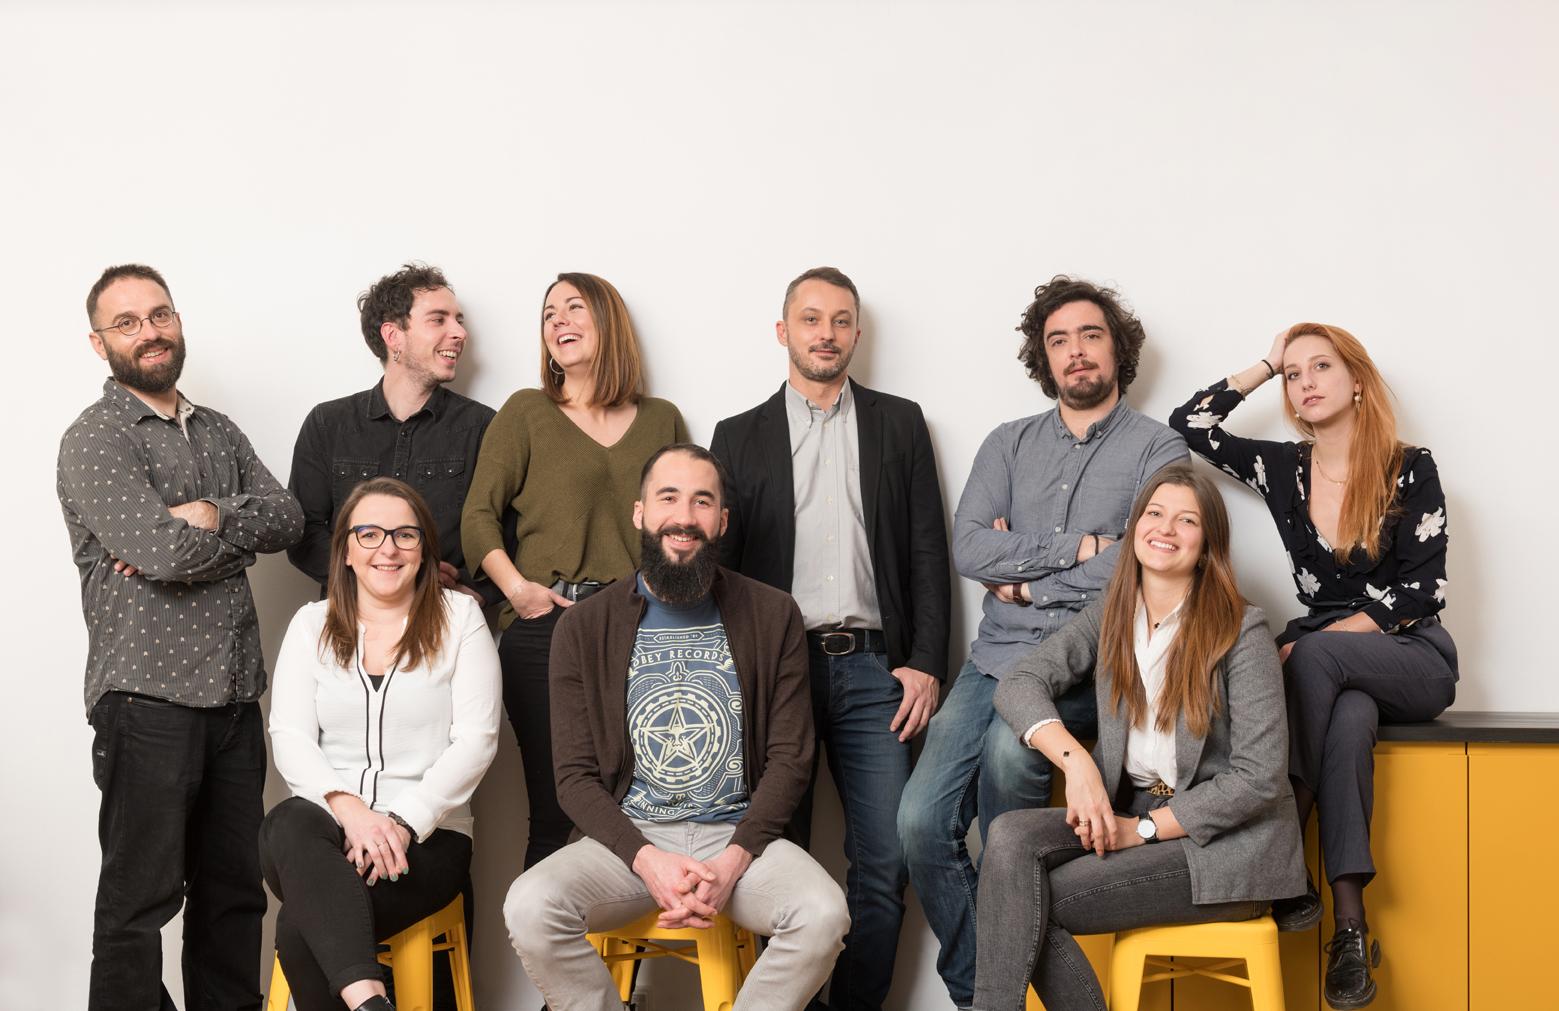 Equipe au complet de l'agence de communication DBAB : we are the team !